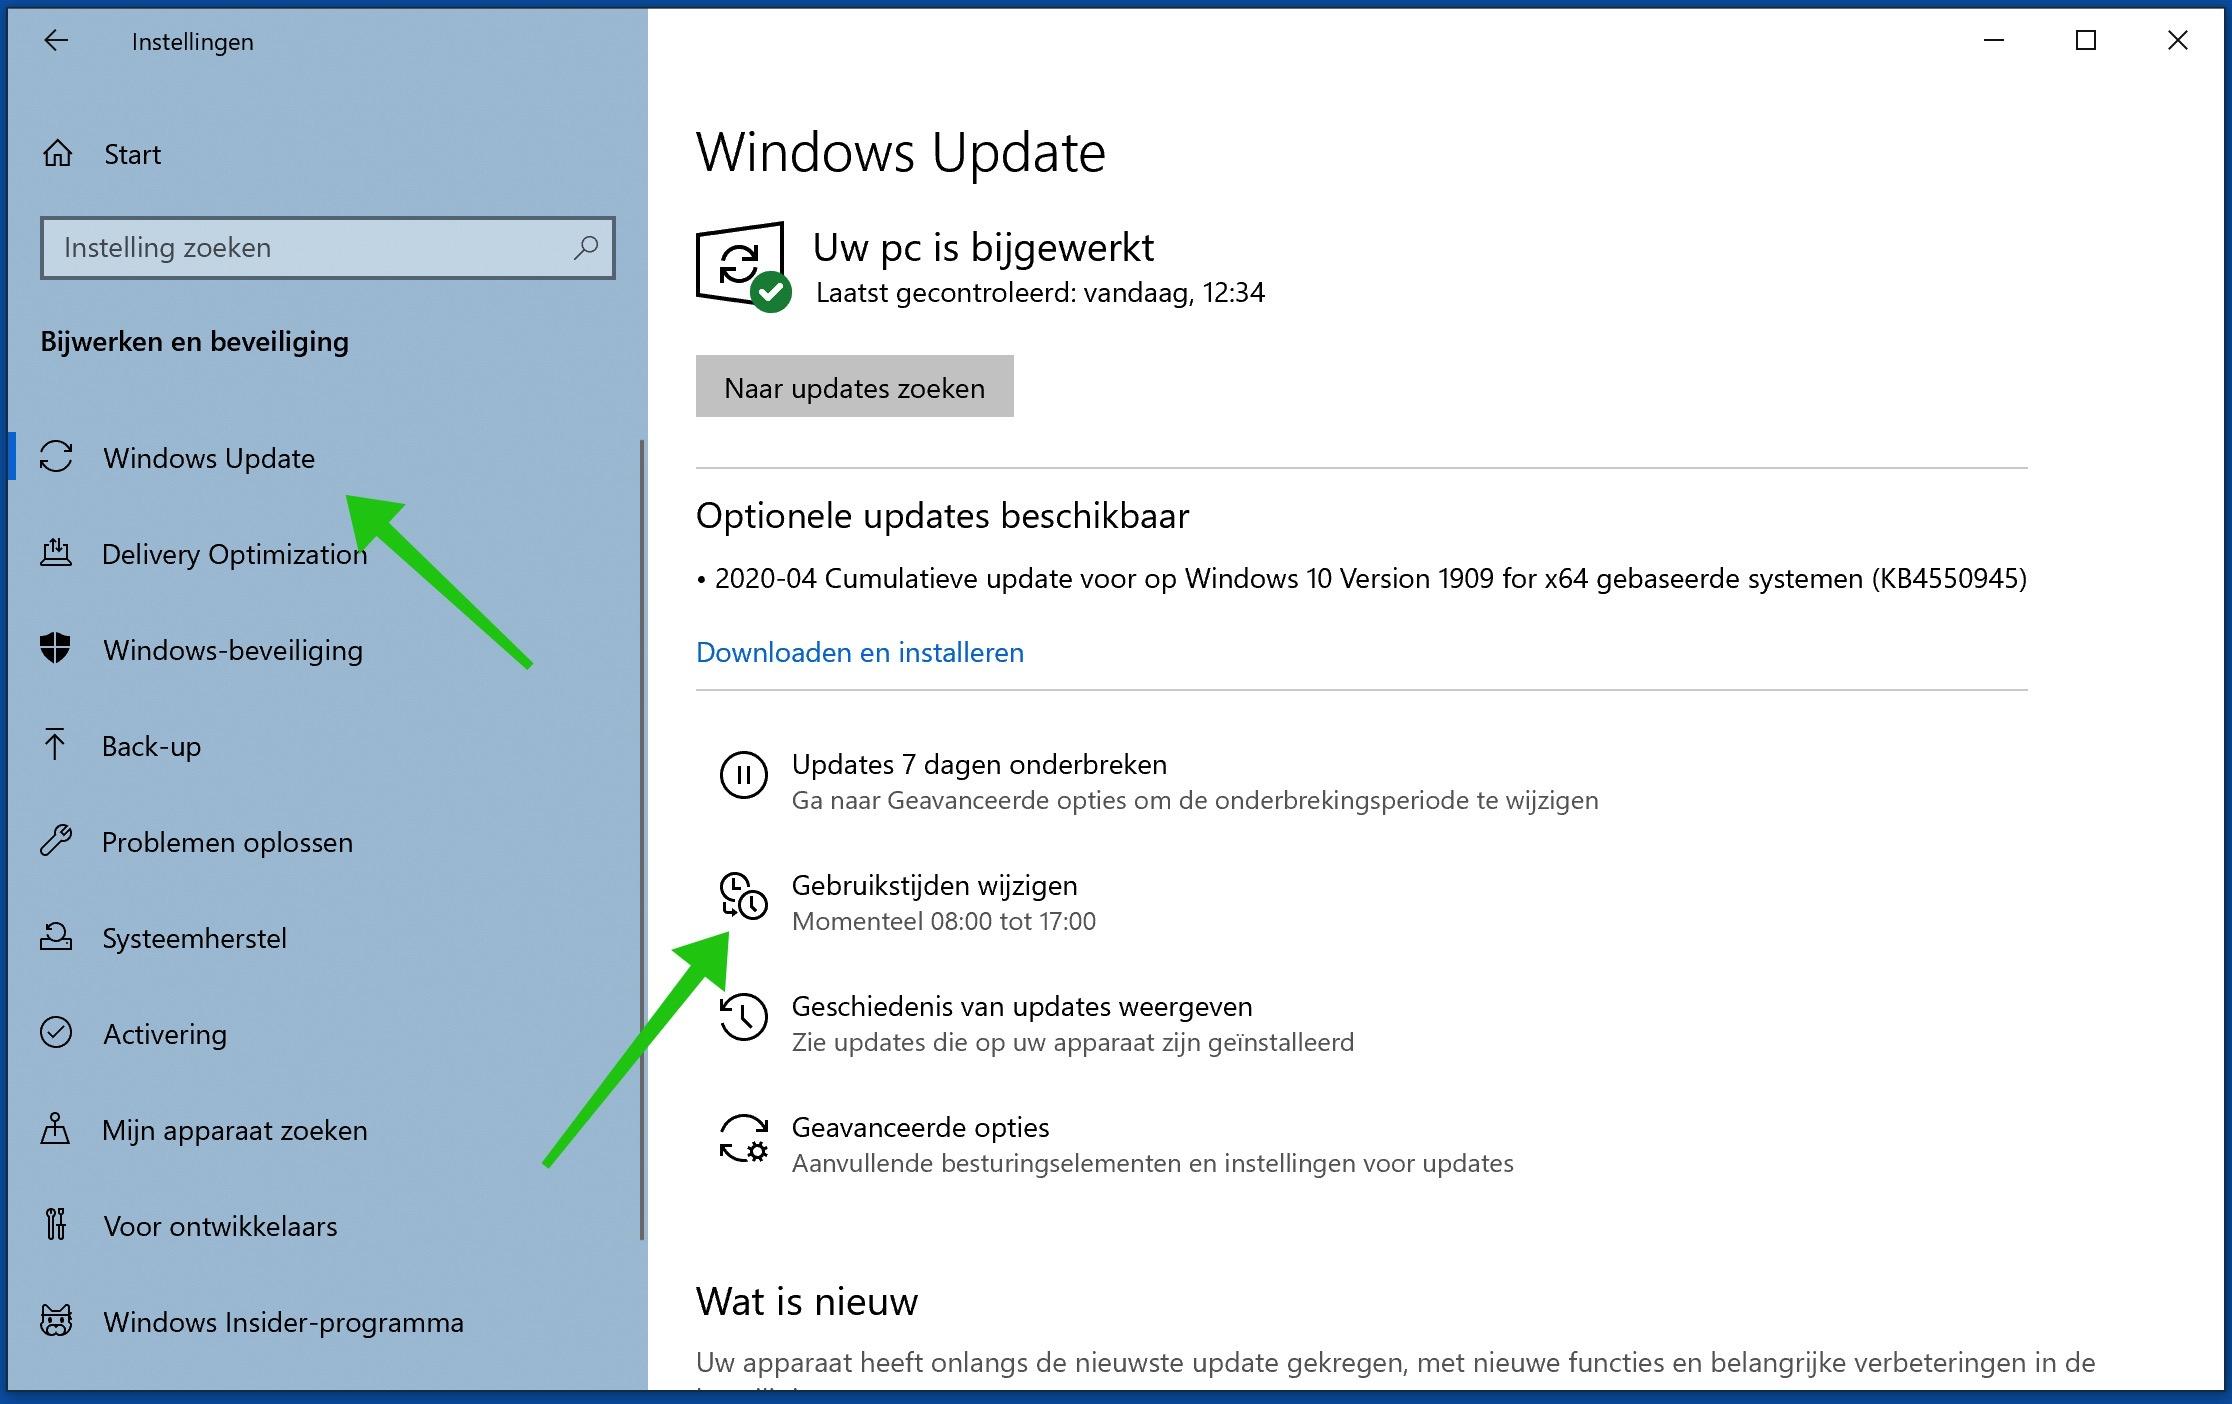 windows update gebruikerstijden wijzigen